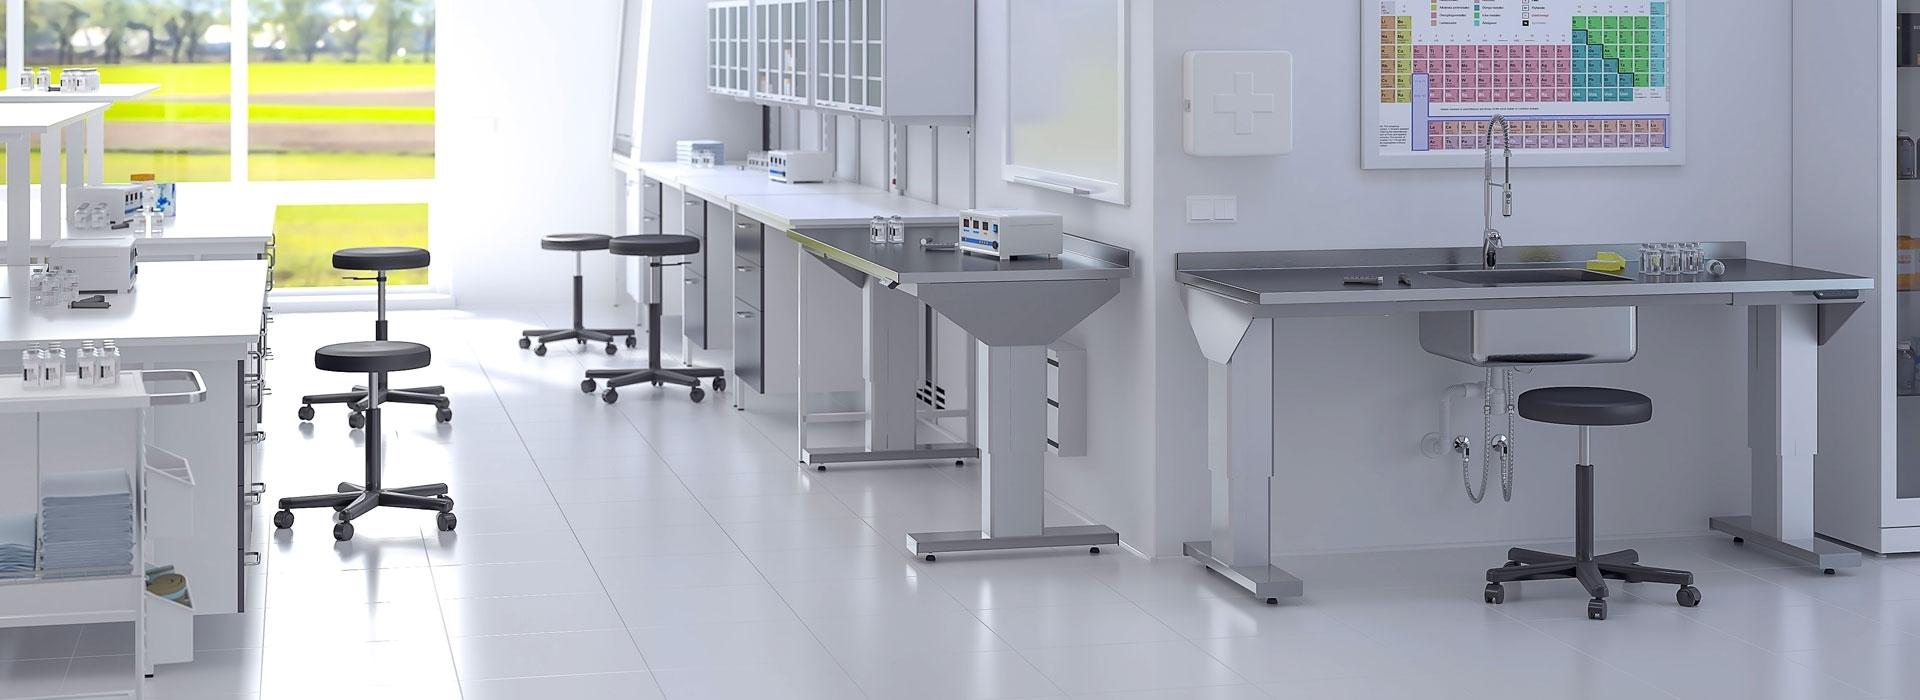 <h2>Elektriskt höj- och sänkbara arbetsbord</h2>